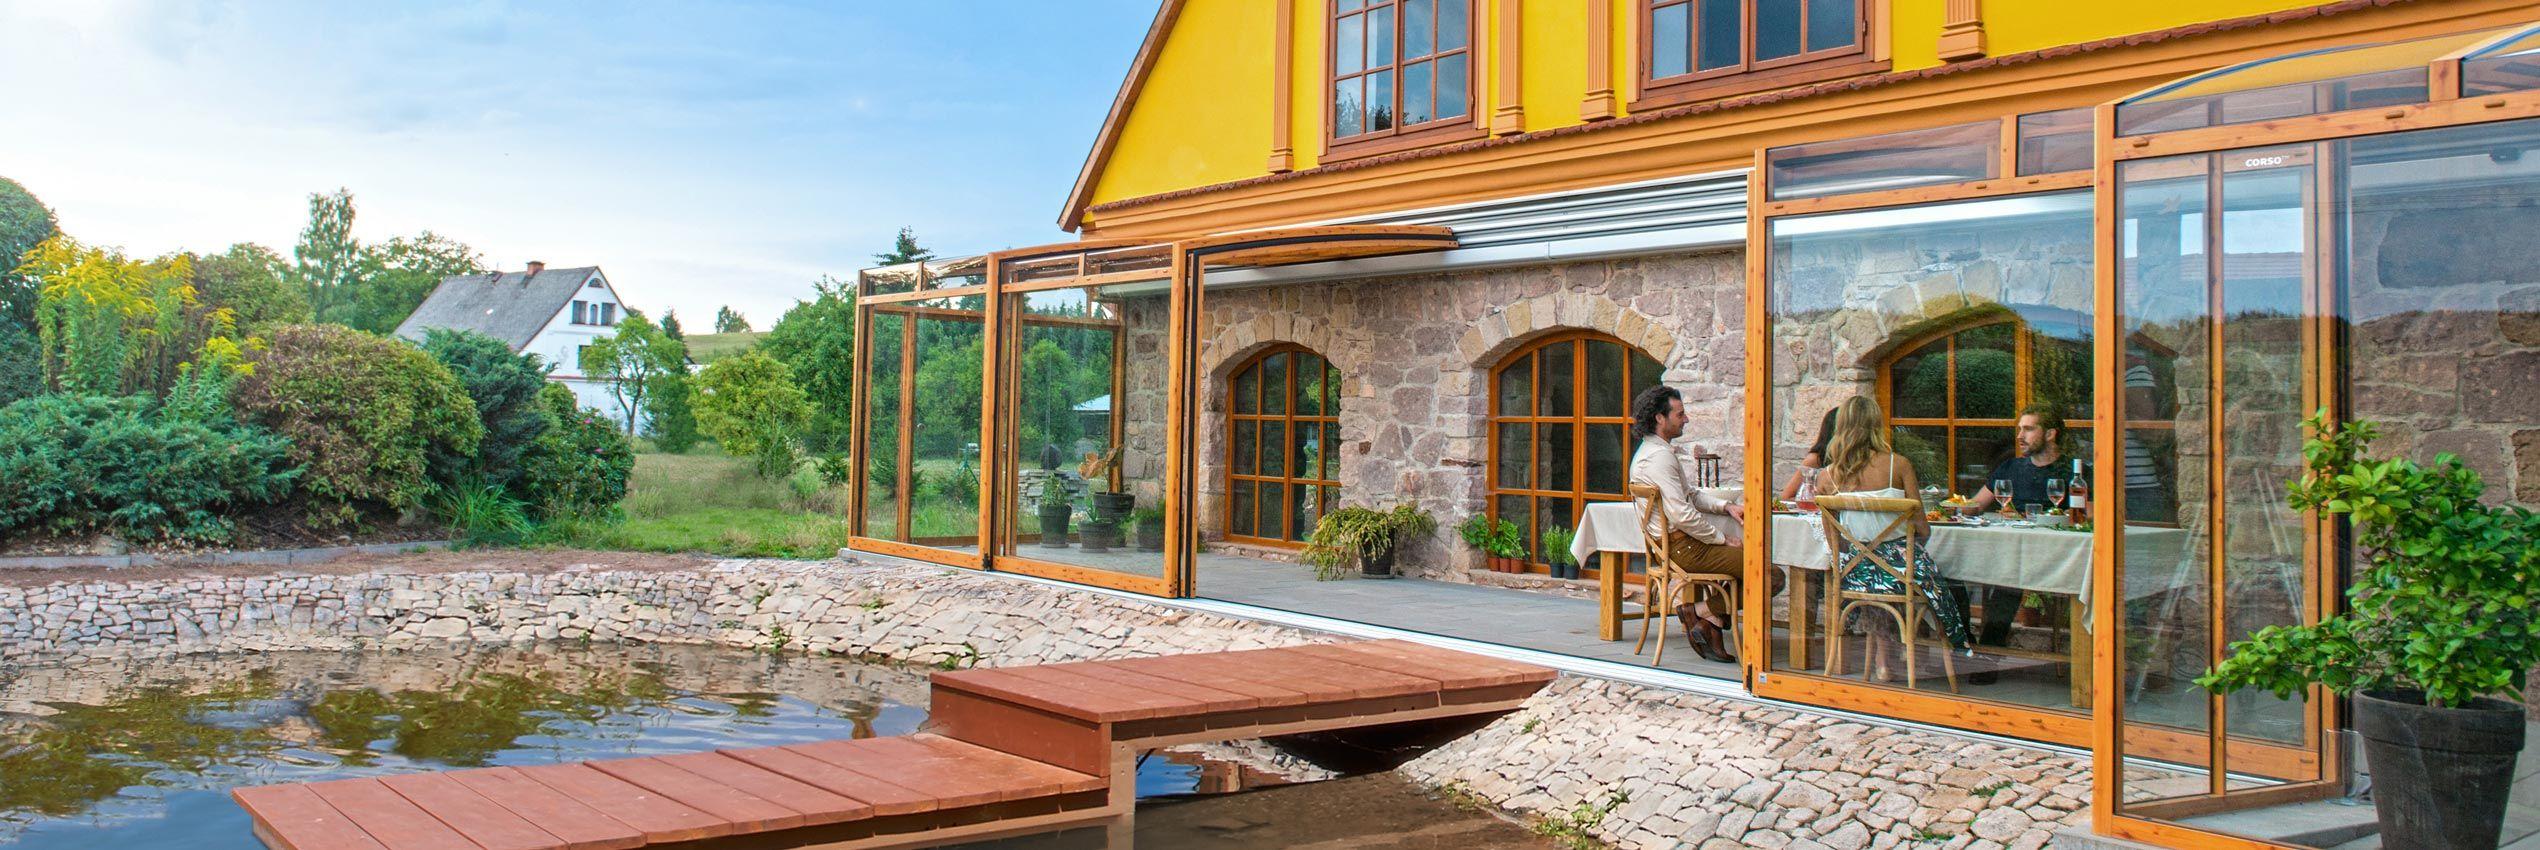 Terrassenüberdachung  Terrassenüberdachung CORSO Premium | Alukov.at